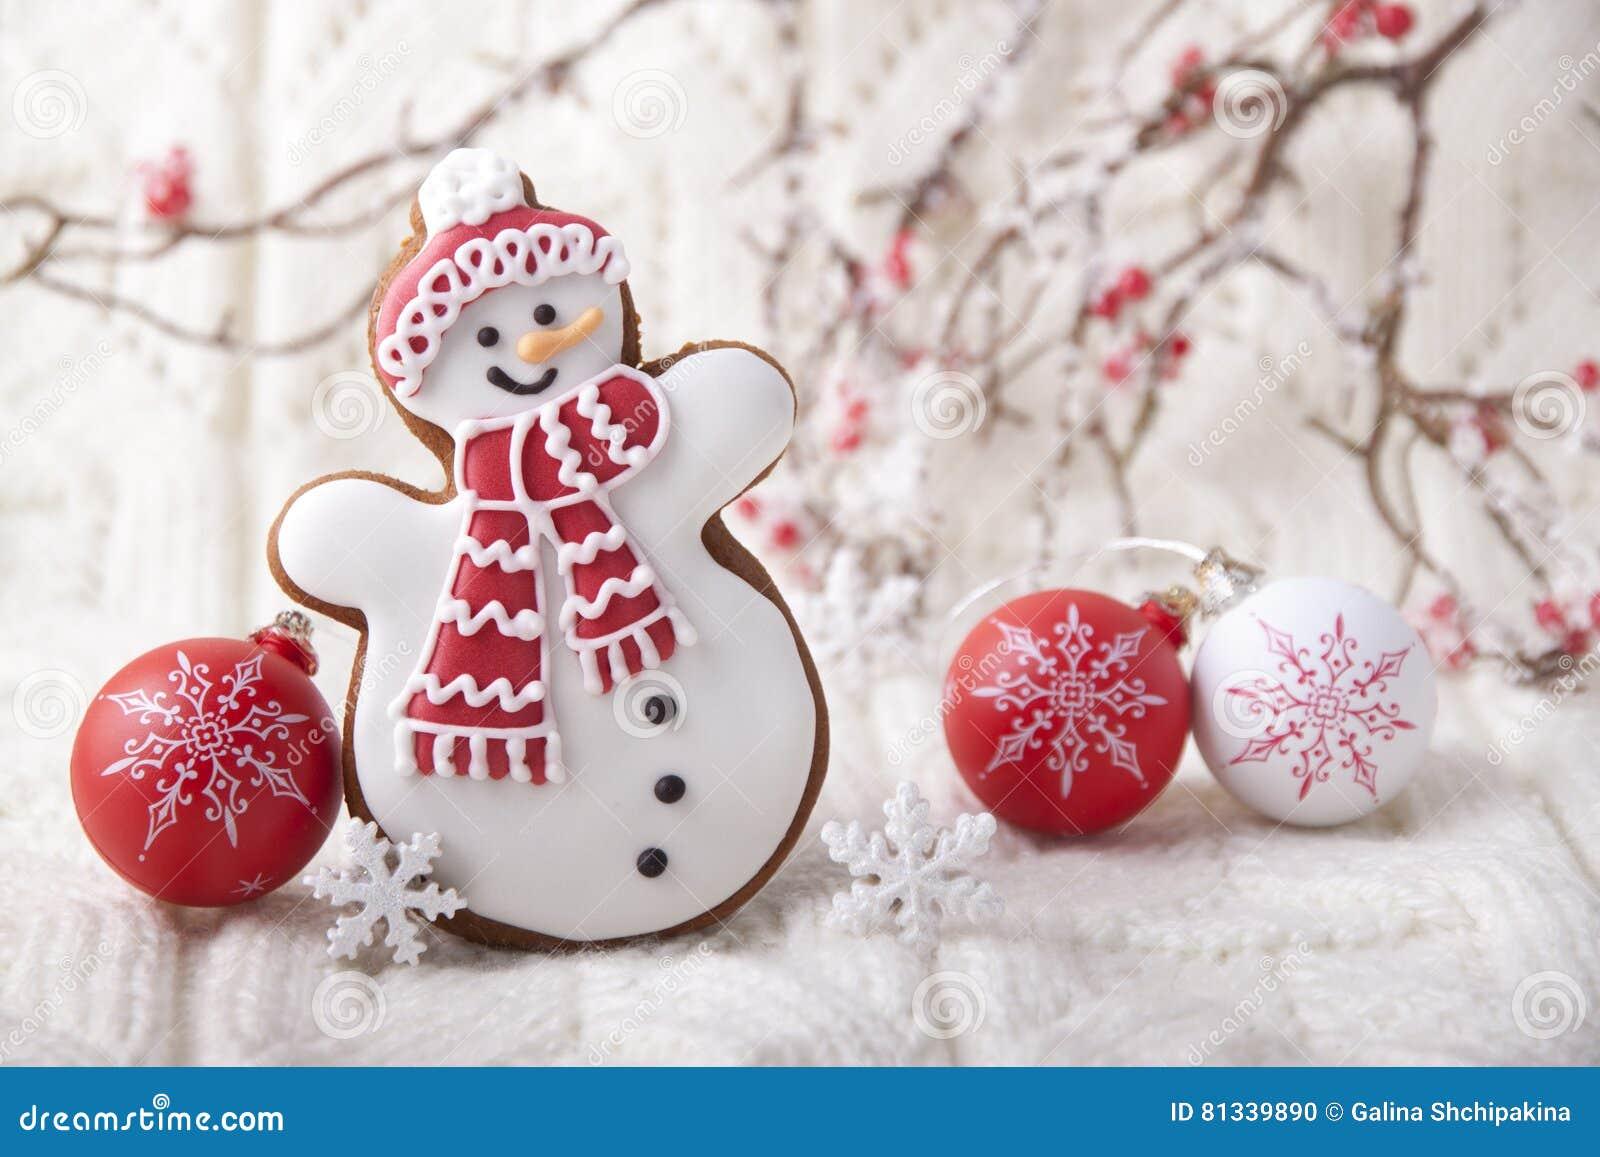 Предпосылка рождества с пряником в форме снеговик